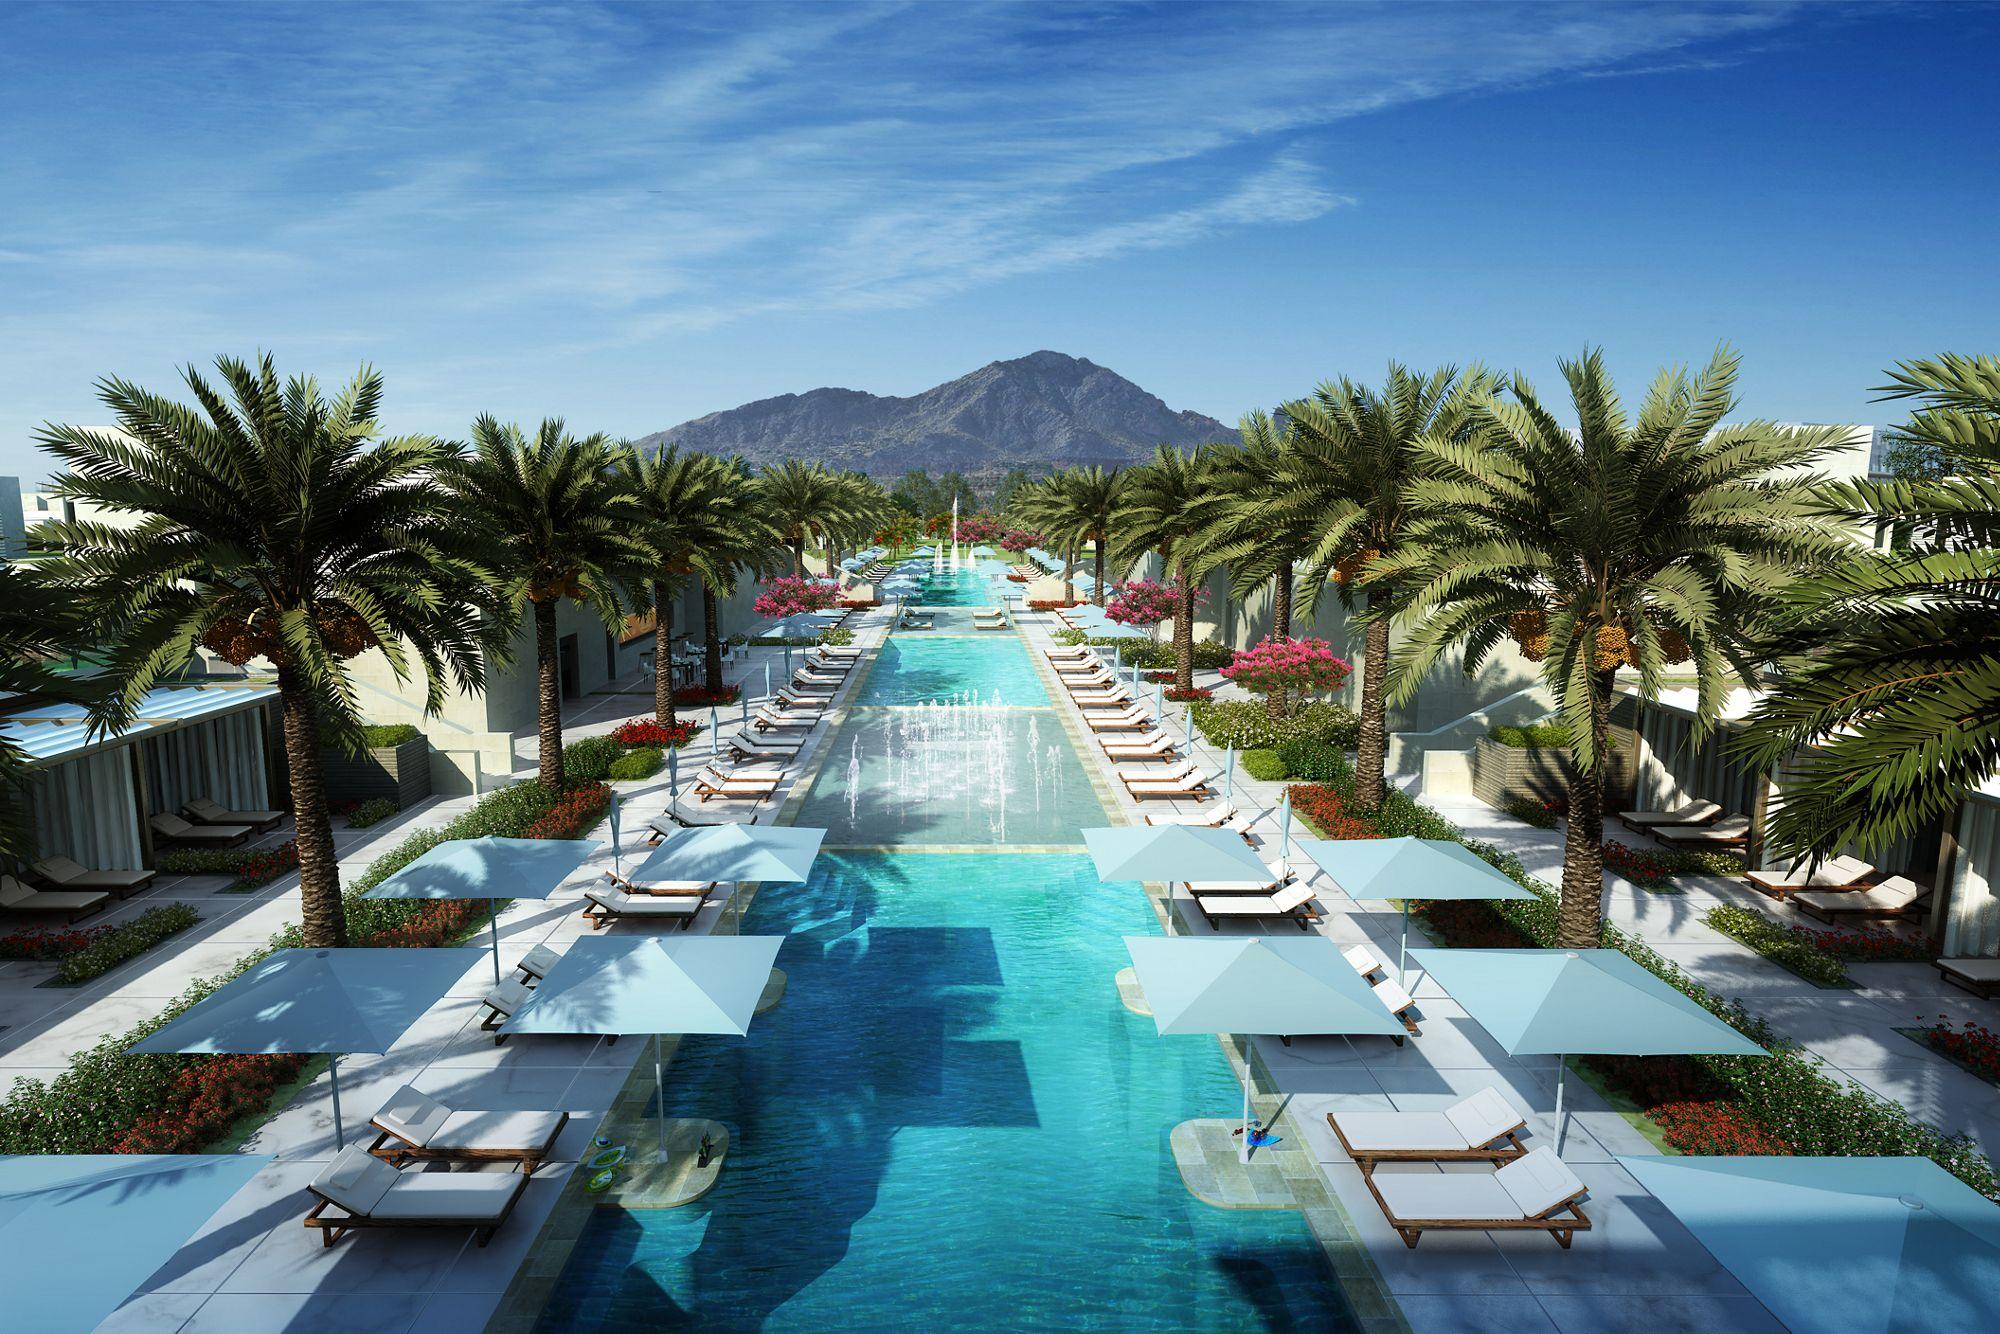 Best Hotels To Stay In Phoenix